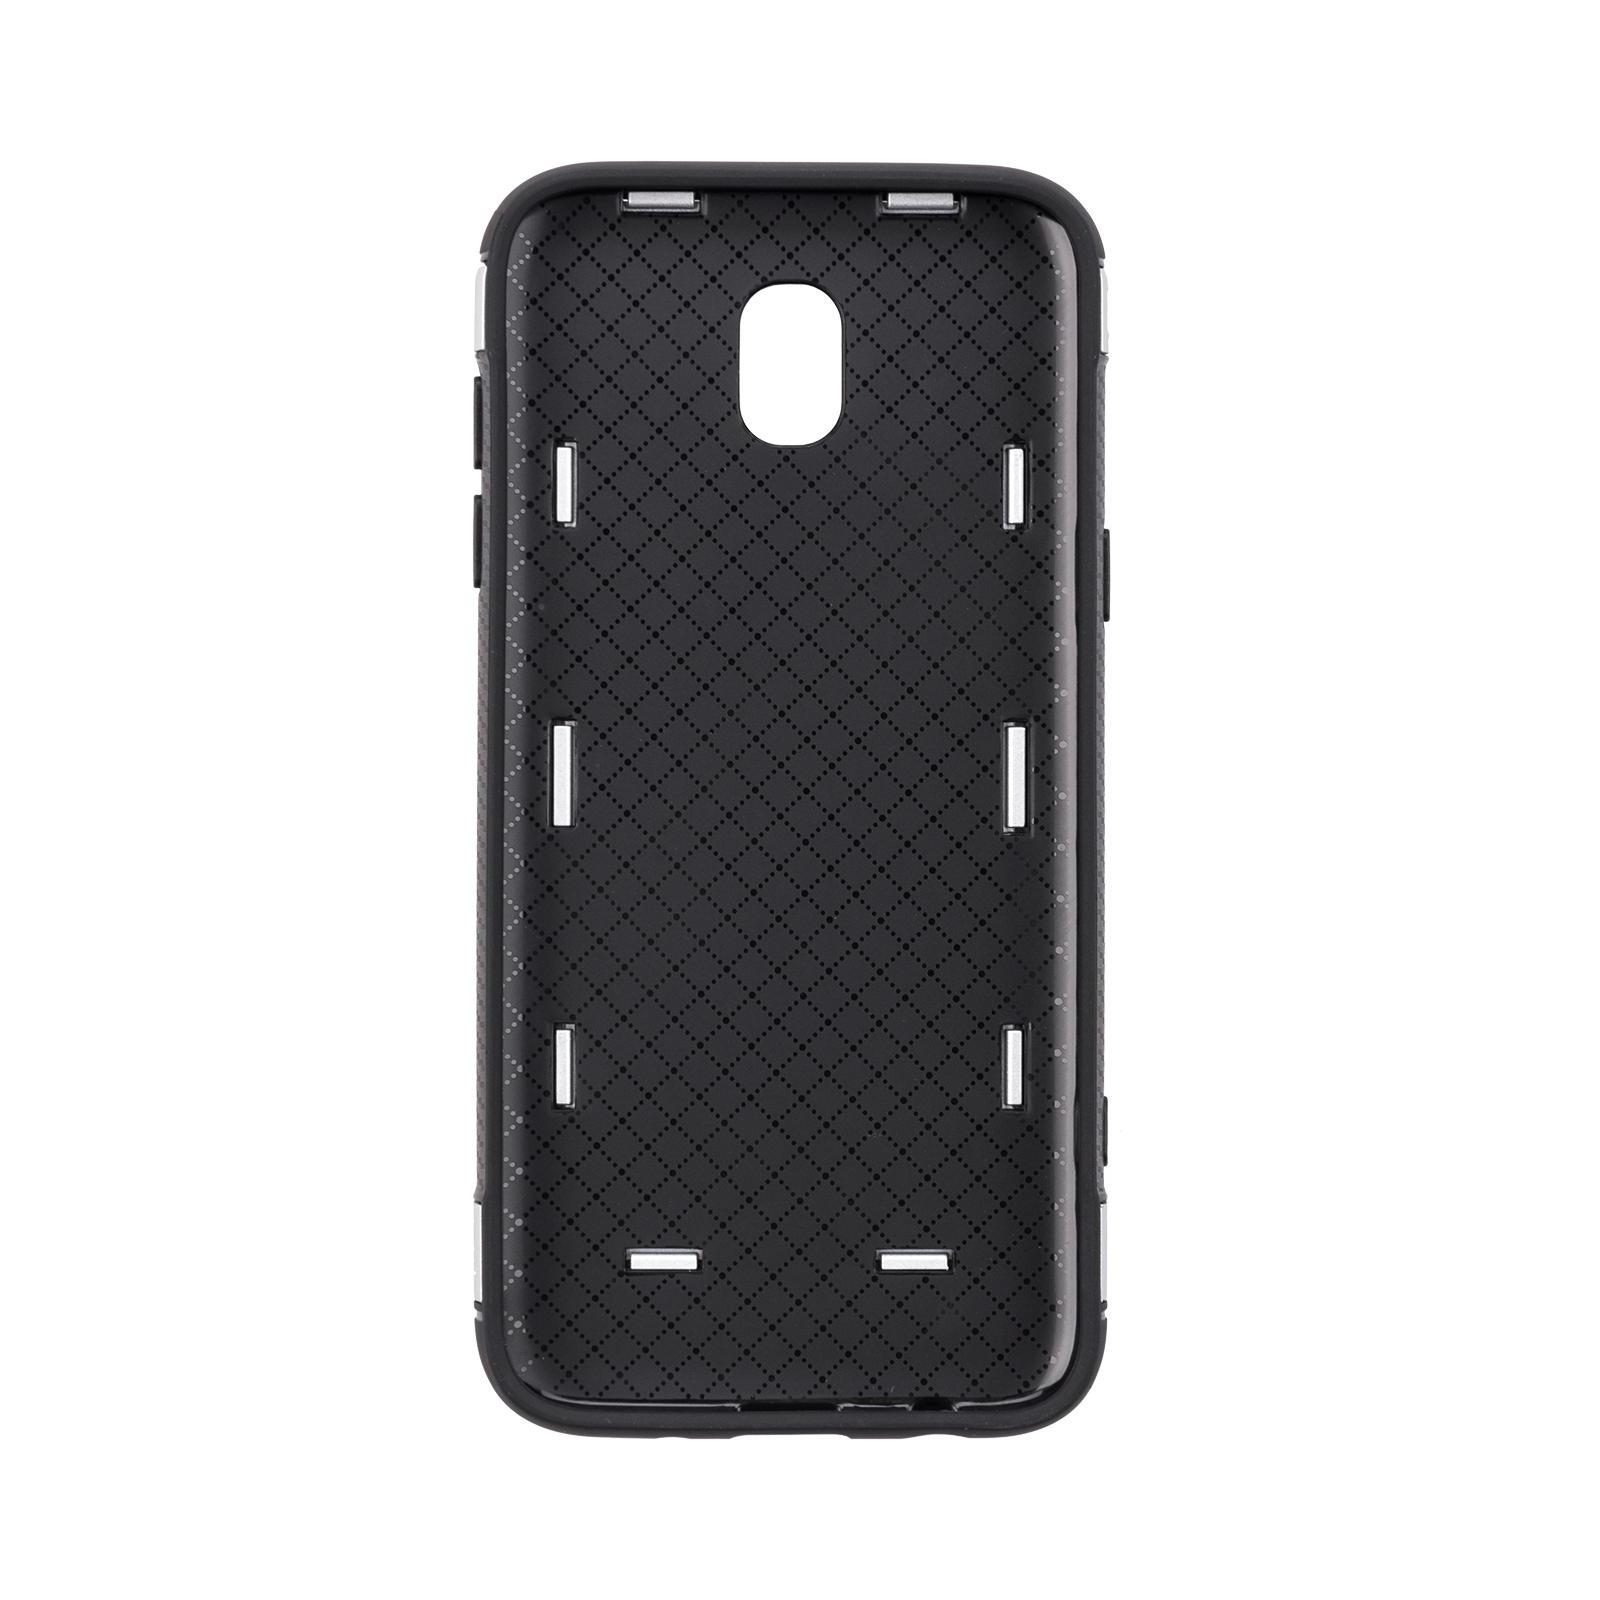 Чехол для моб. телефона Laudtec для Samsung J5 2017/J530 Ring stand (silver) (LR-J530-SR) изображение 9